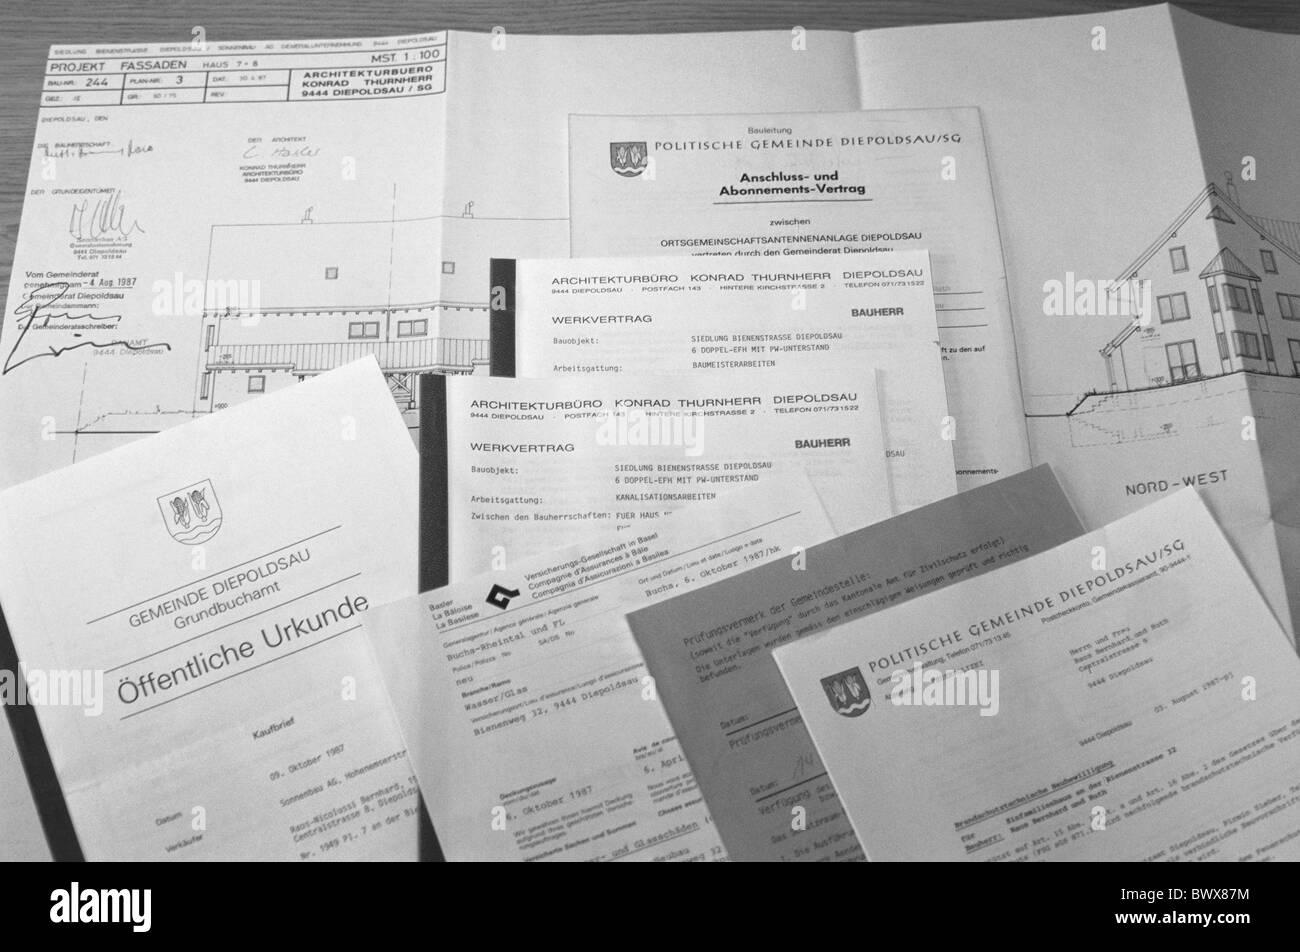 I contratti trattati contratto di costruzione trattato per gli appalti edili autorizzazioni approvazioni modulo Immagini Stock